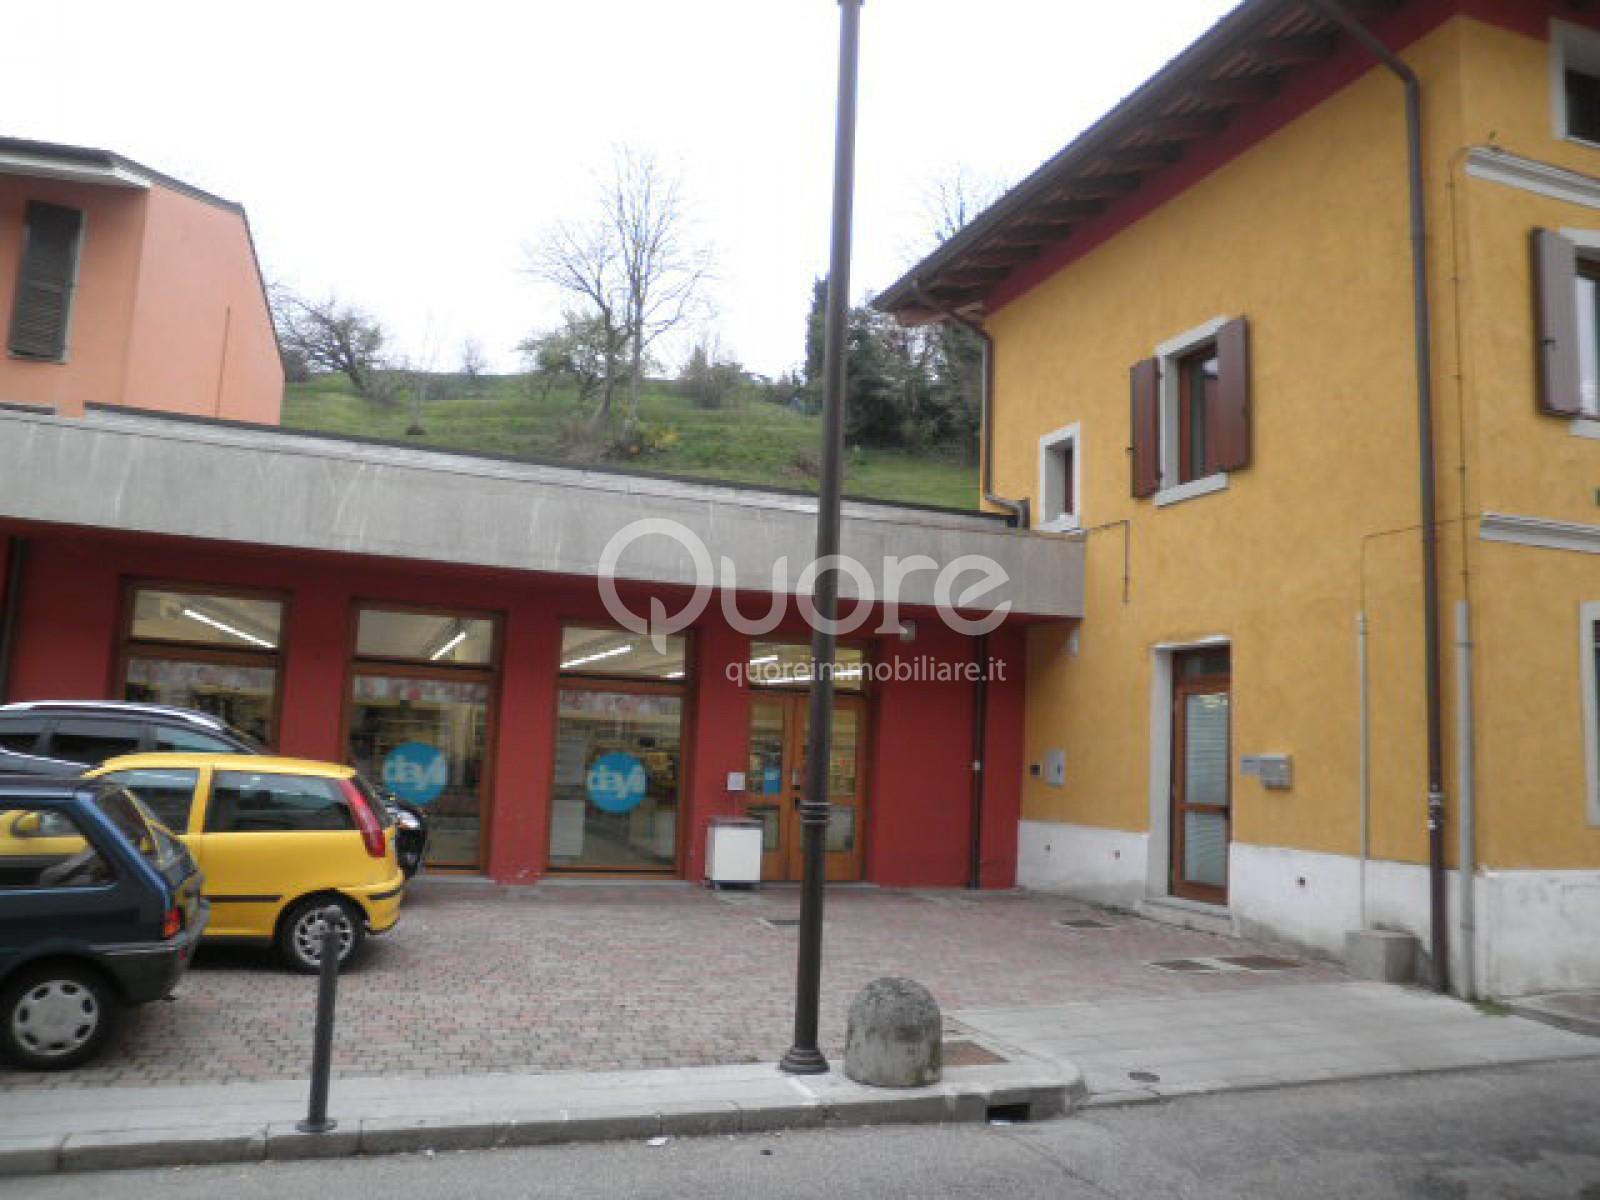 Negozio / Locale in vendita a Tricesimo, 9999 locali, prezzo € 150.000 | CambioCasa.it